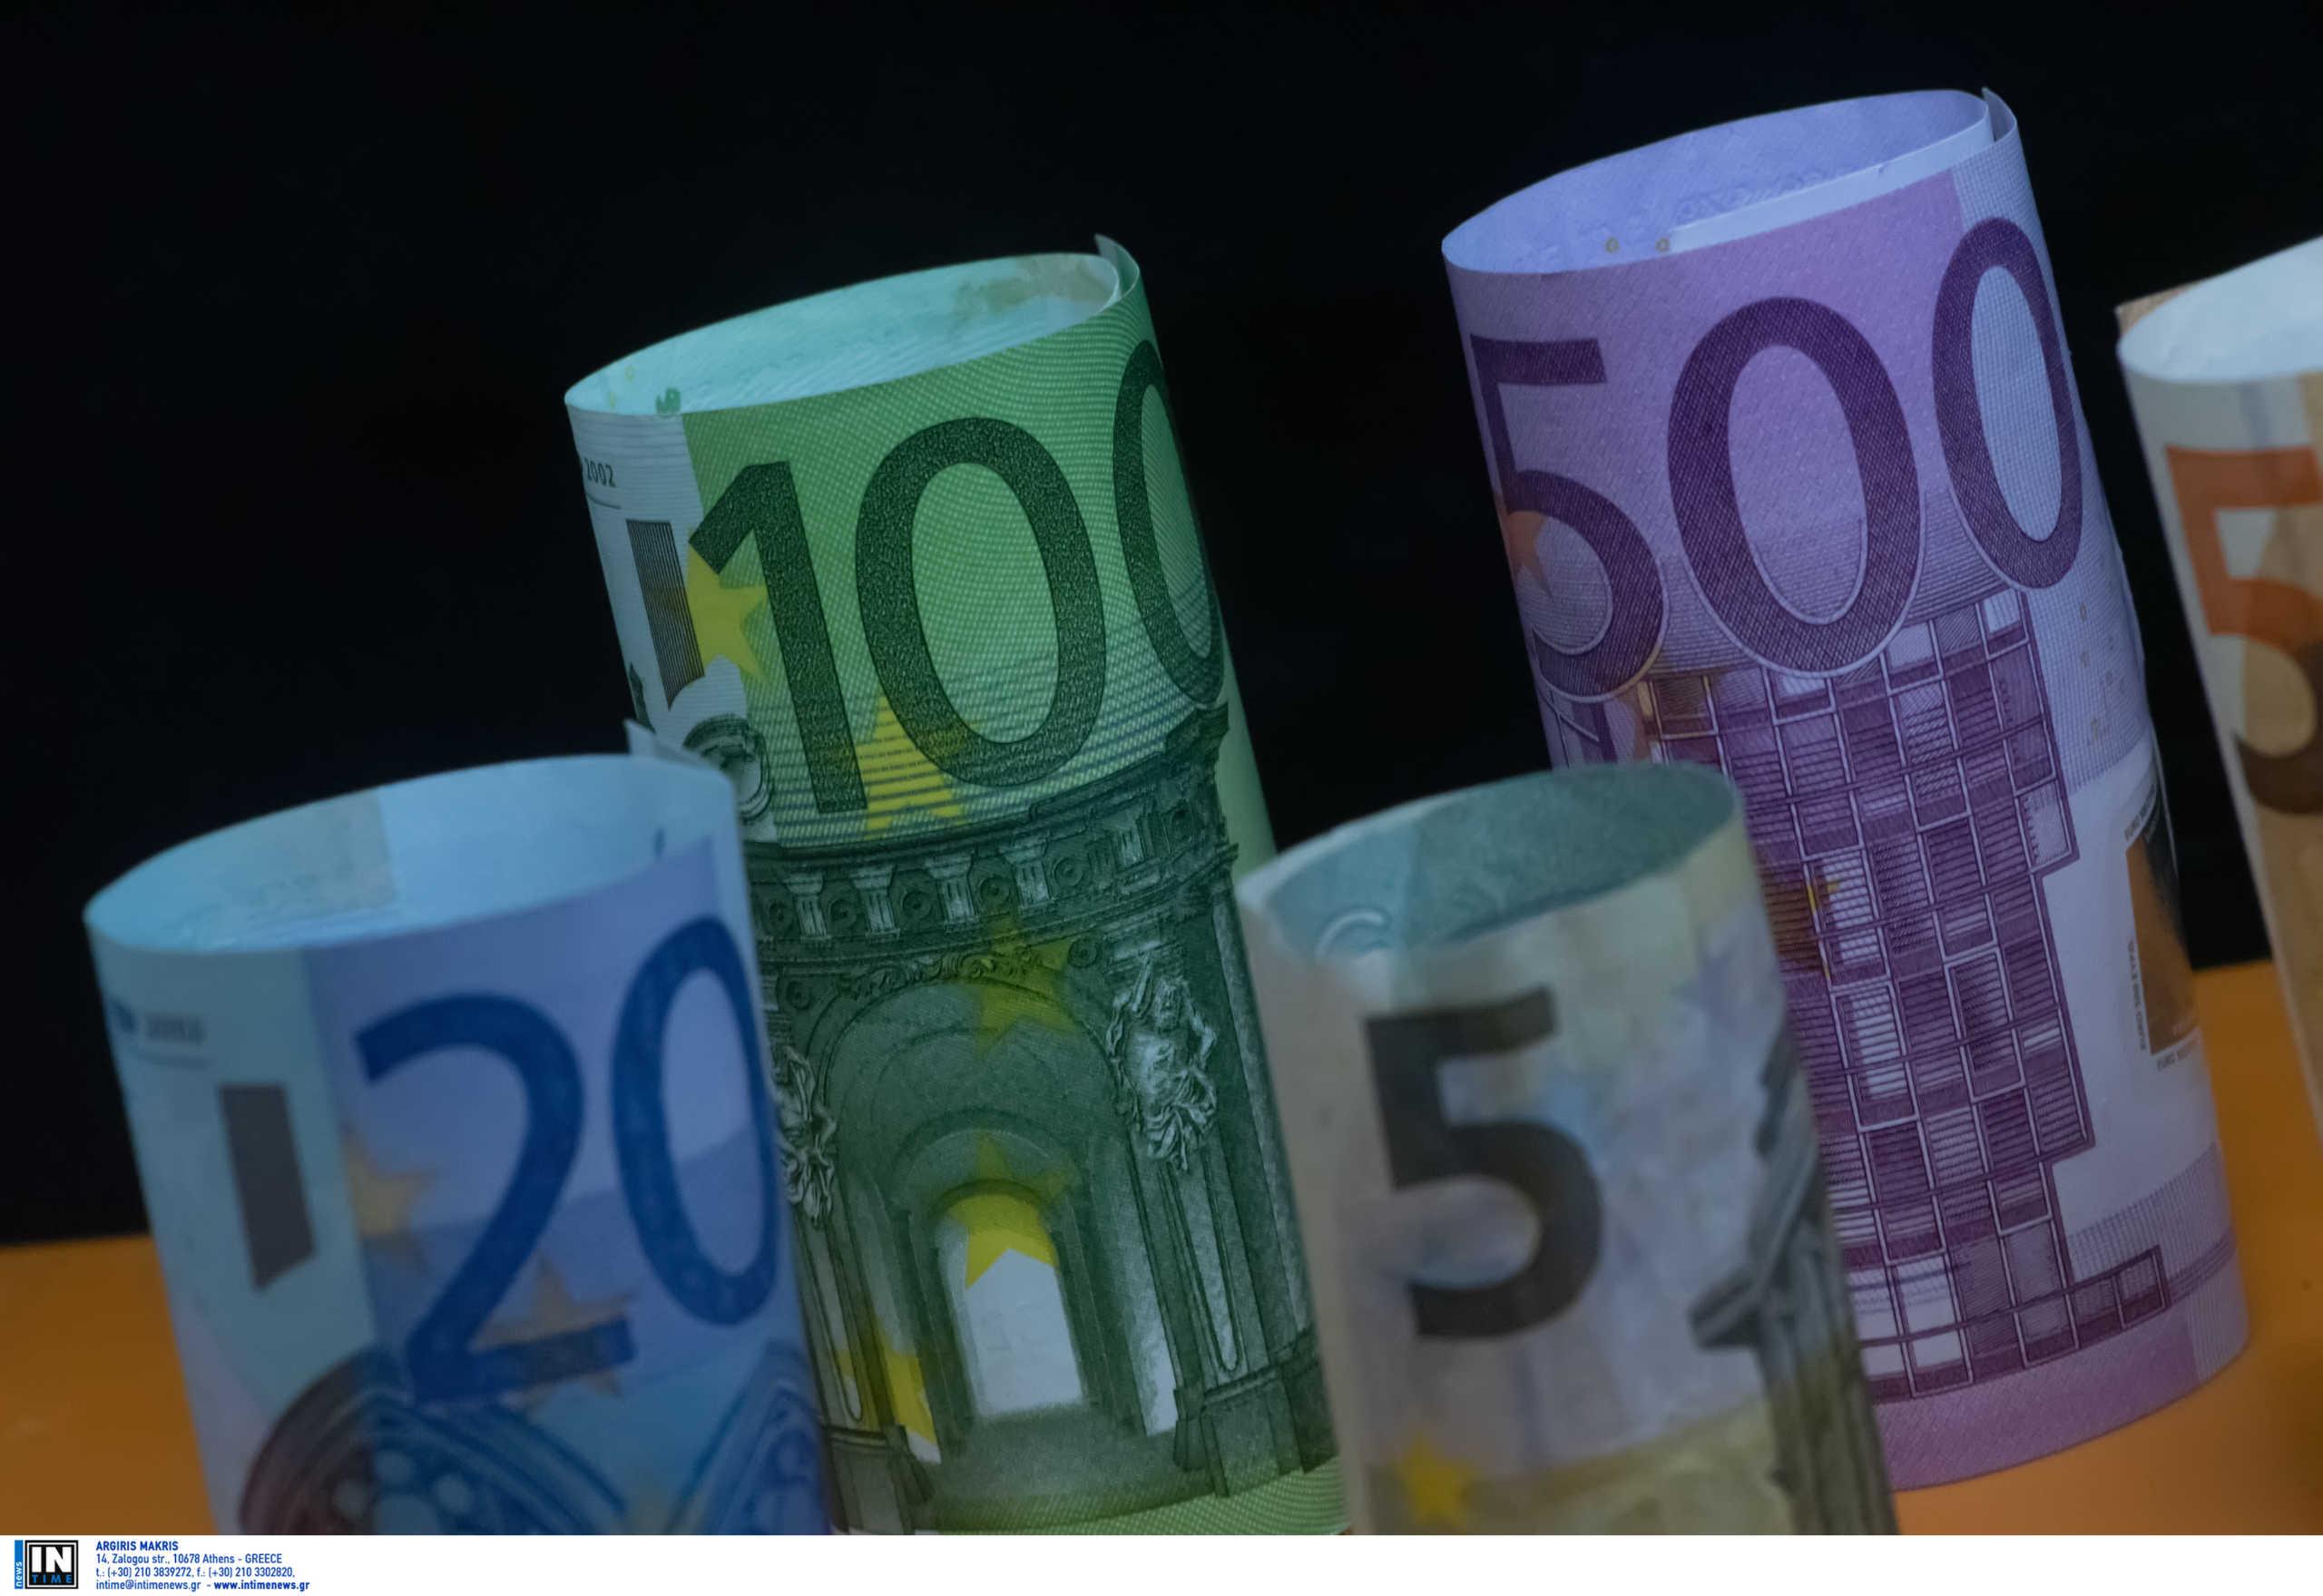 Σταϊκούρας για Επιστρεπτέα προκαταβολή: «Το κράτος θα πληρώνει όσο χρειαστεί» – Πότε θα καταβληθεί η 5η (vid)